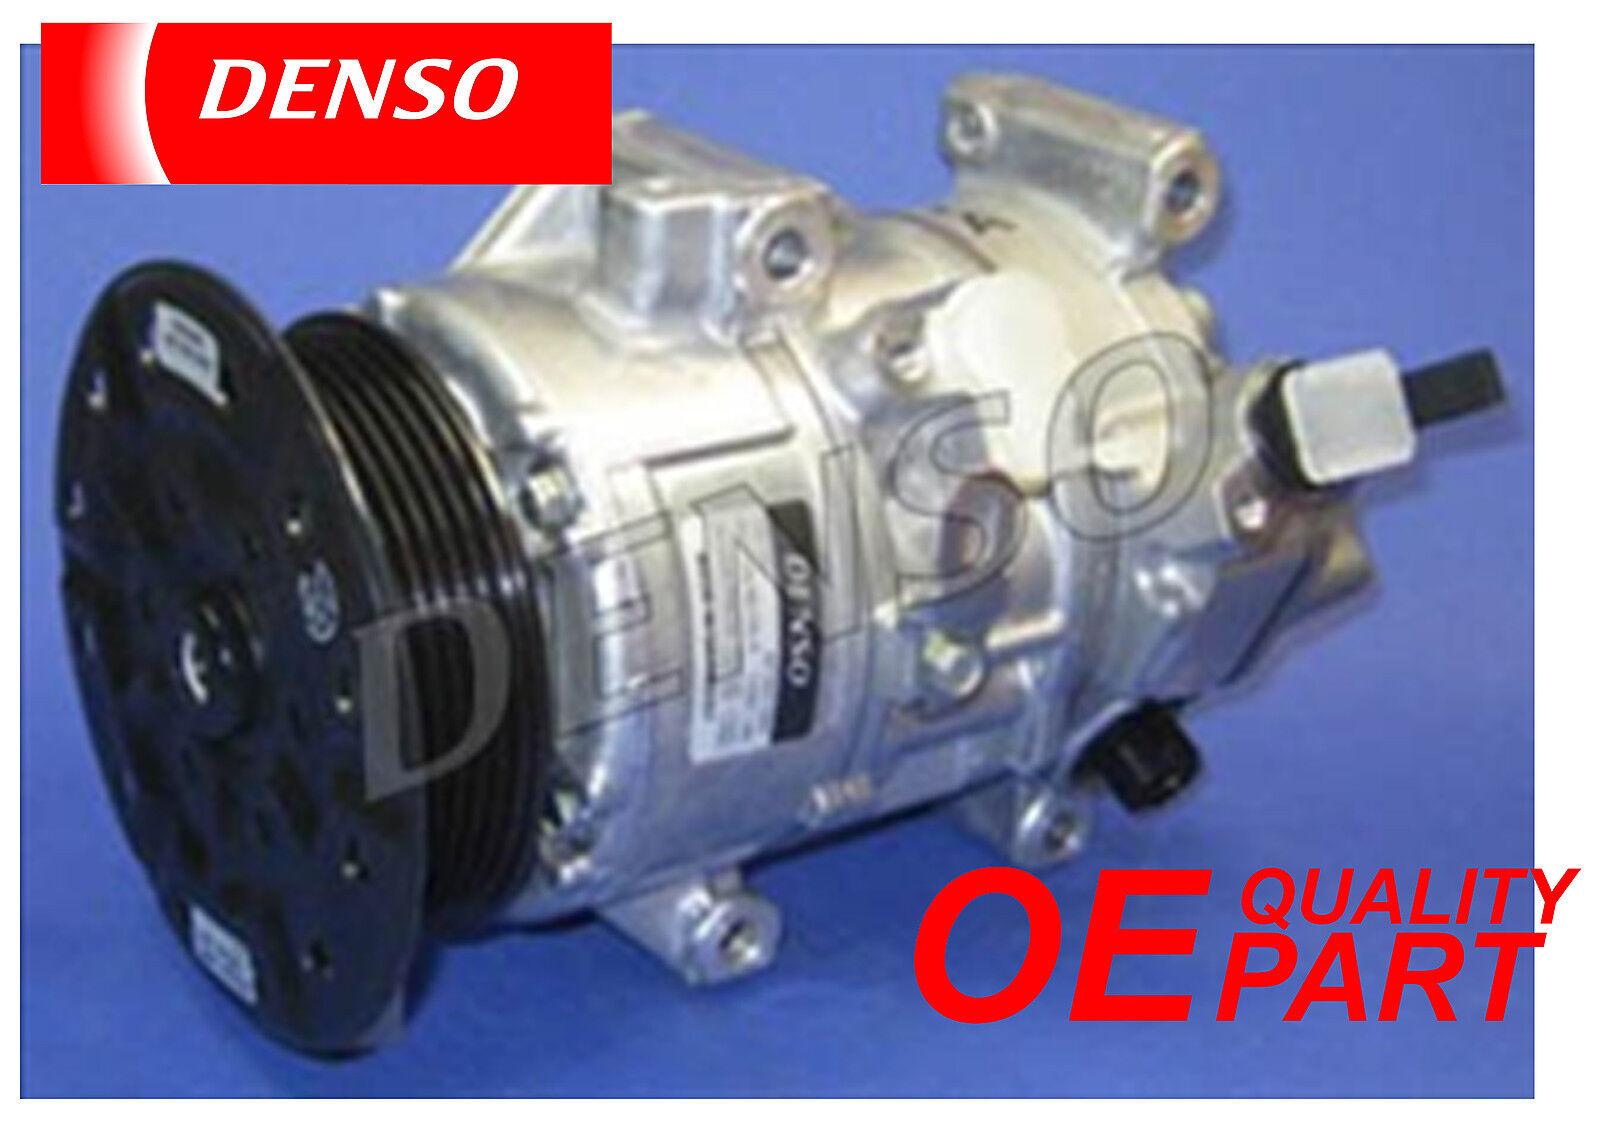 For Toyota Avensis 20td D4d 03 06 Denso Air Conditioning Compressor Kompresor Bmw Seri 3 E46 88310 05100